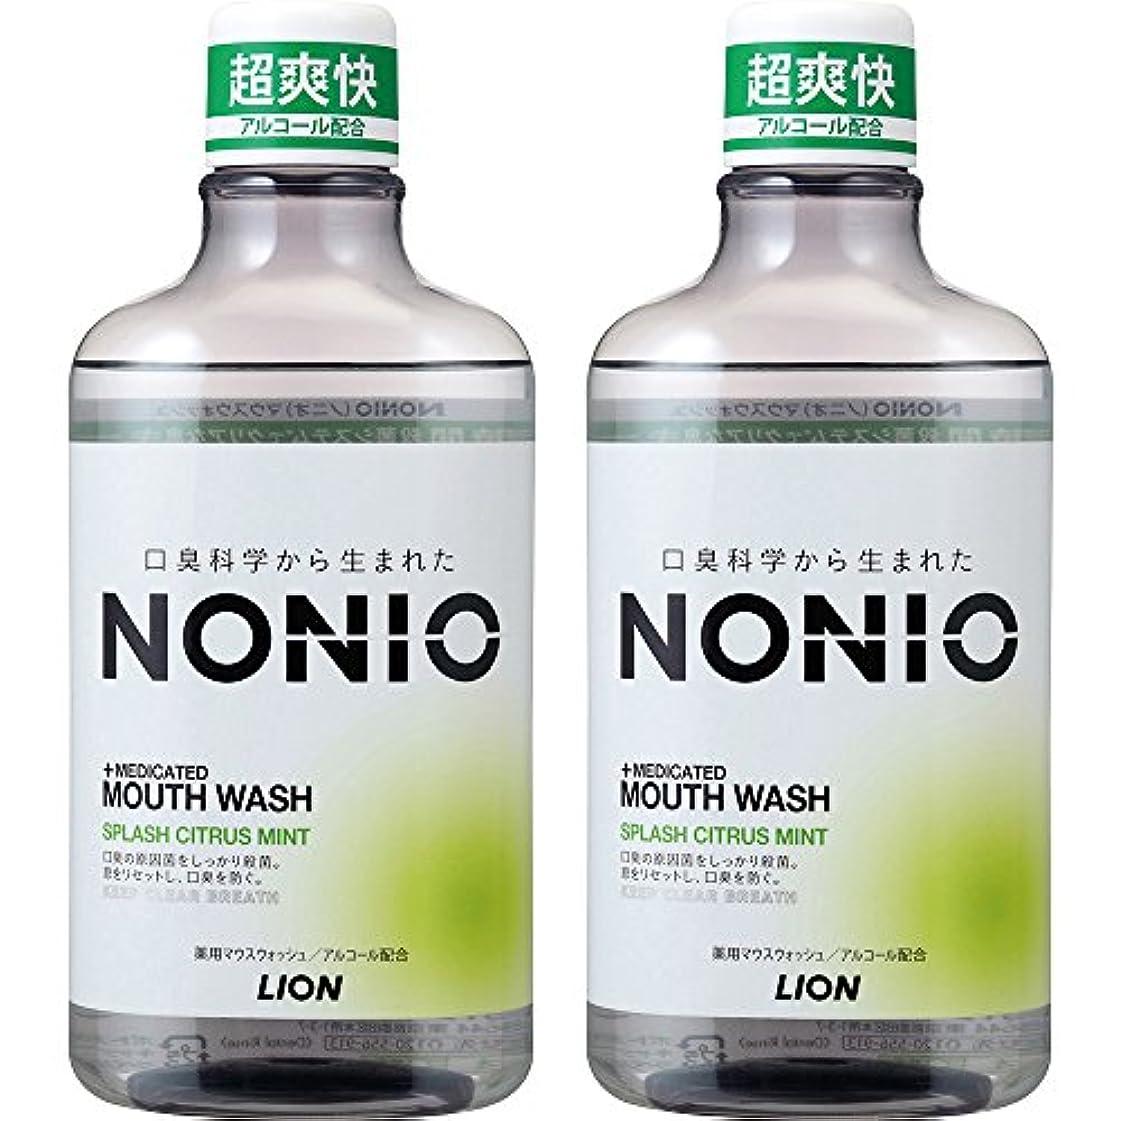 ビヨンアクティビティ真珠のような[医薬部外品]NONIO マウスウォッシュ スプラッシュシトラスミント 600ml×2個 洗口液